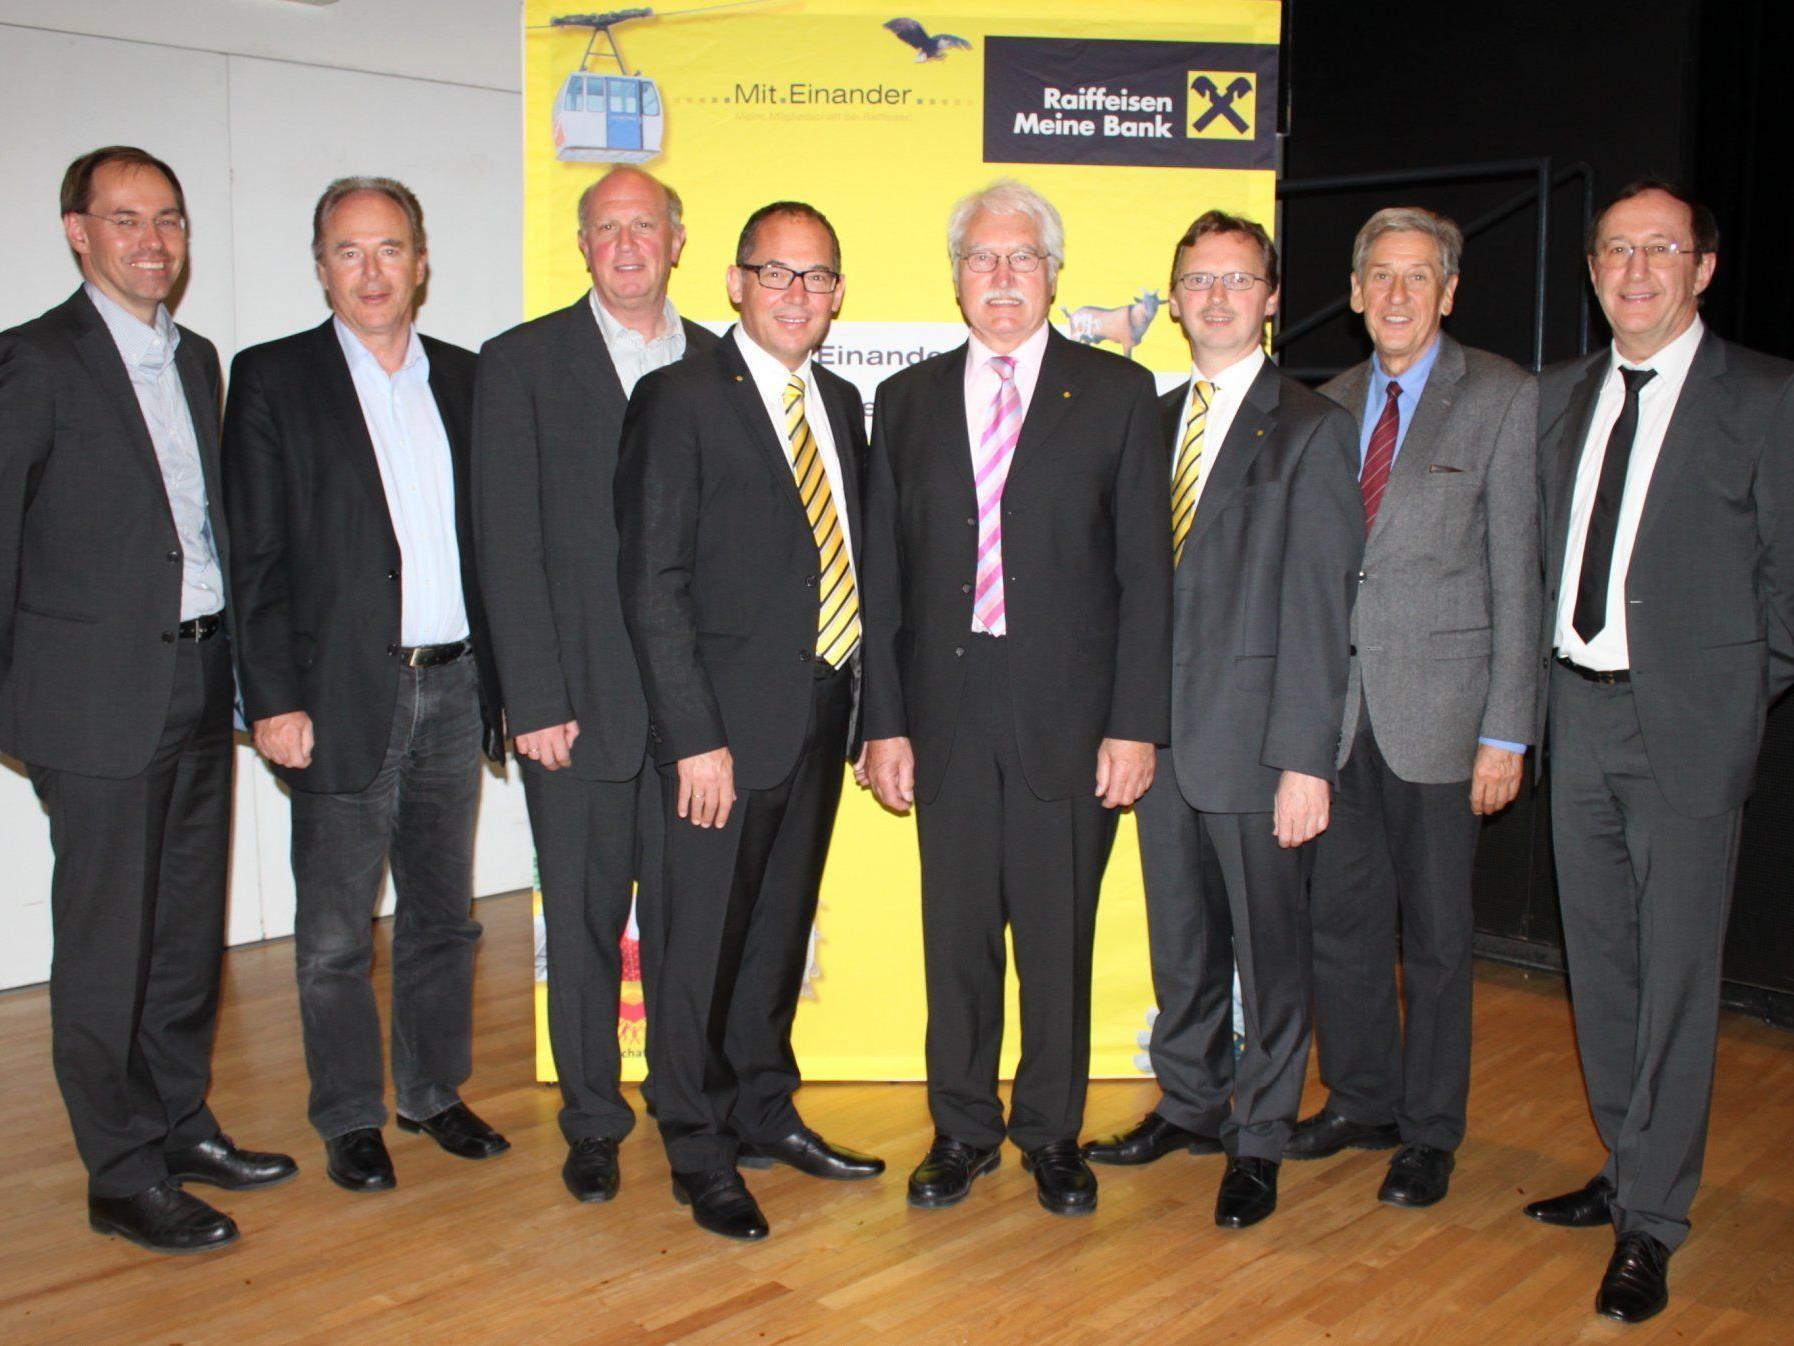 Das Führungsteam der Raiffeisenbank Leiblachtal – Vorstand und Aufsichtsrat – präsentierte der Genossenschaftsversammlung eine erfolgreiche Bilanz.